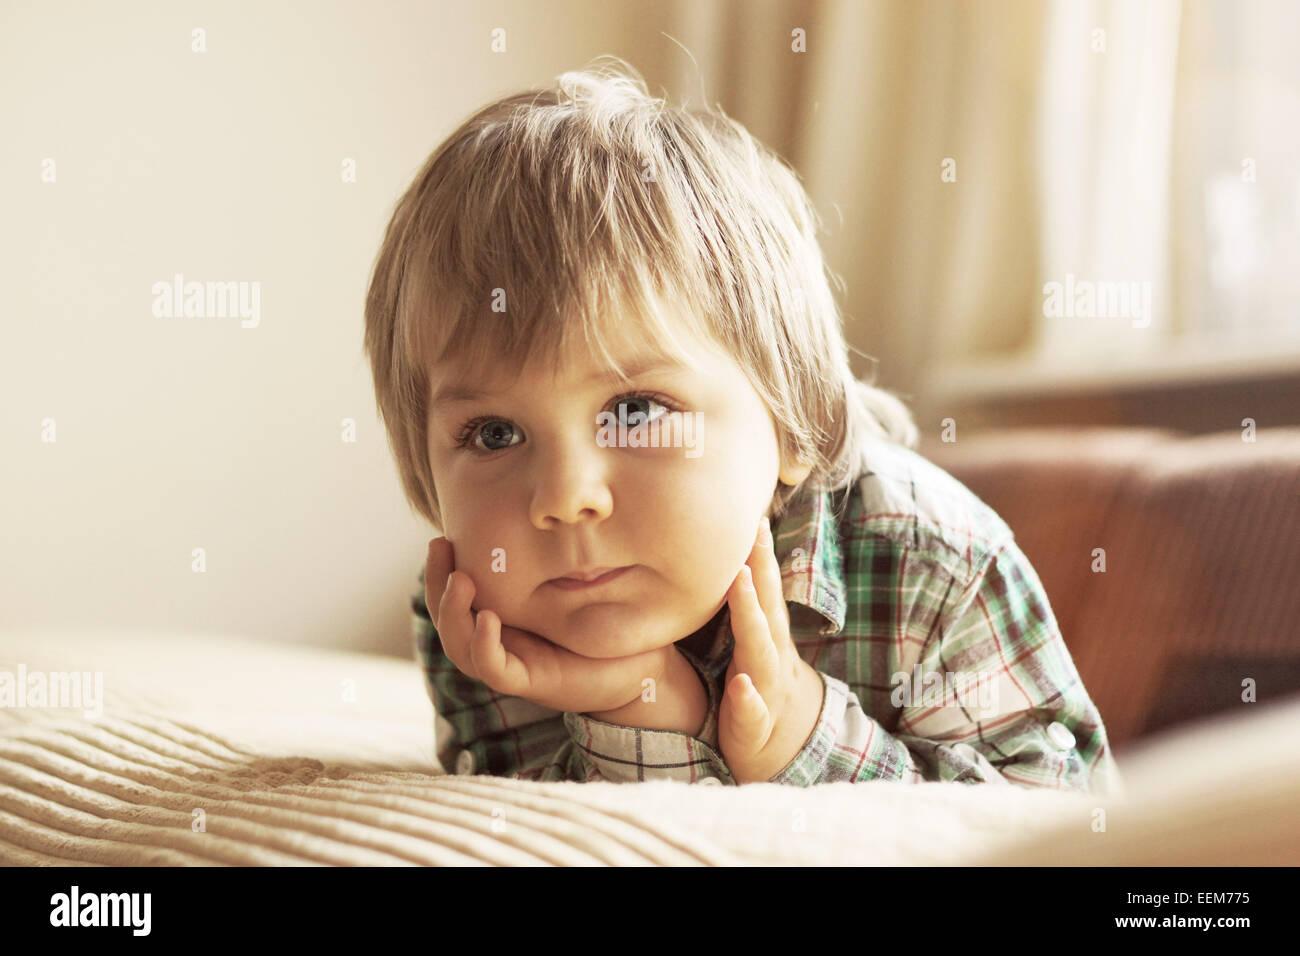 Porträt eines jungen auf Bett liegend Stockbild